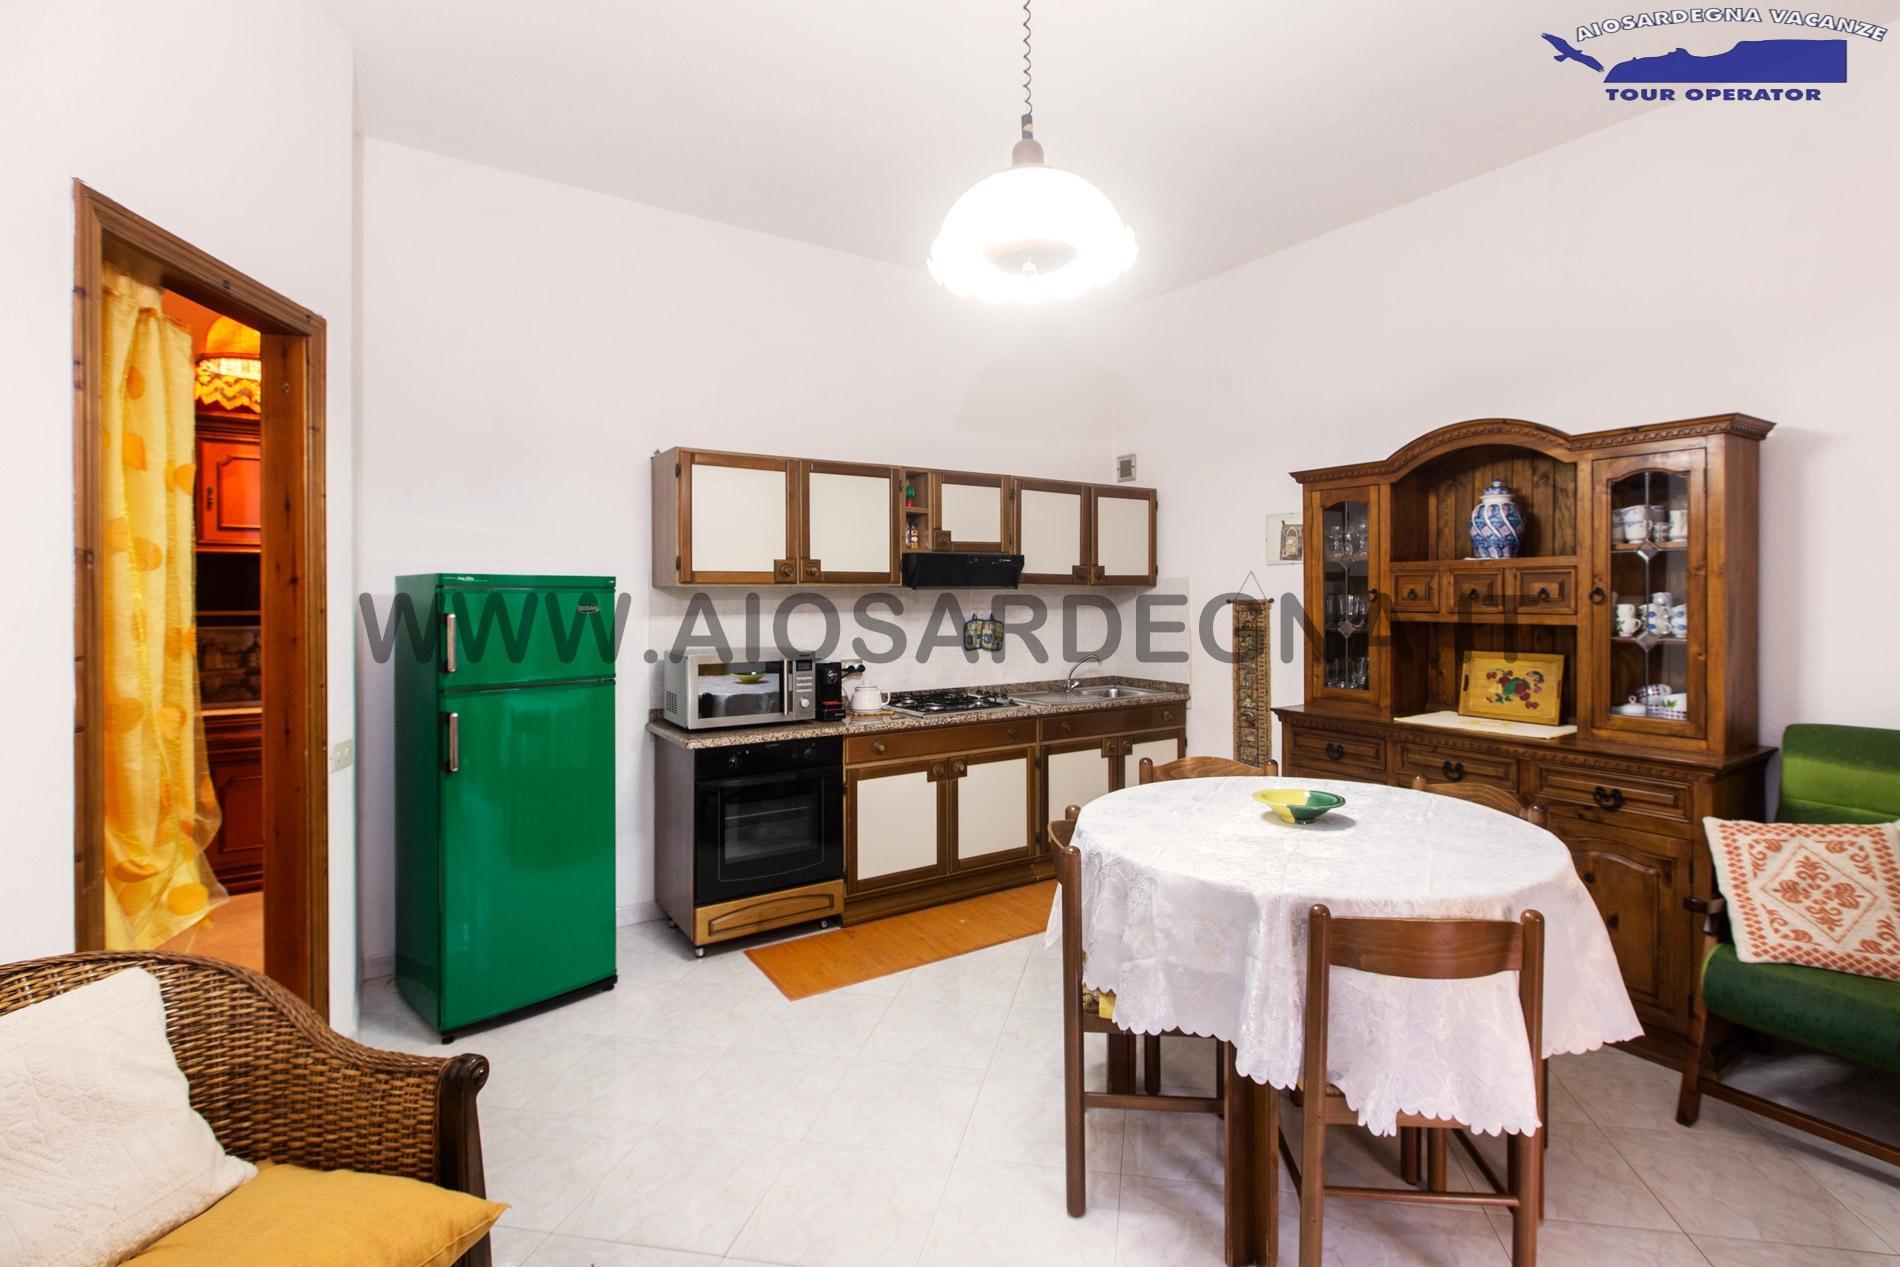 Трехкомнатная Квартира Тре с WiFi Пула Юг Сардинии